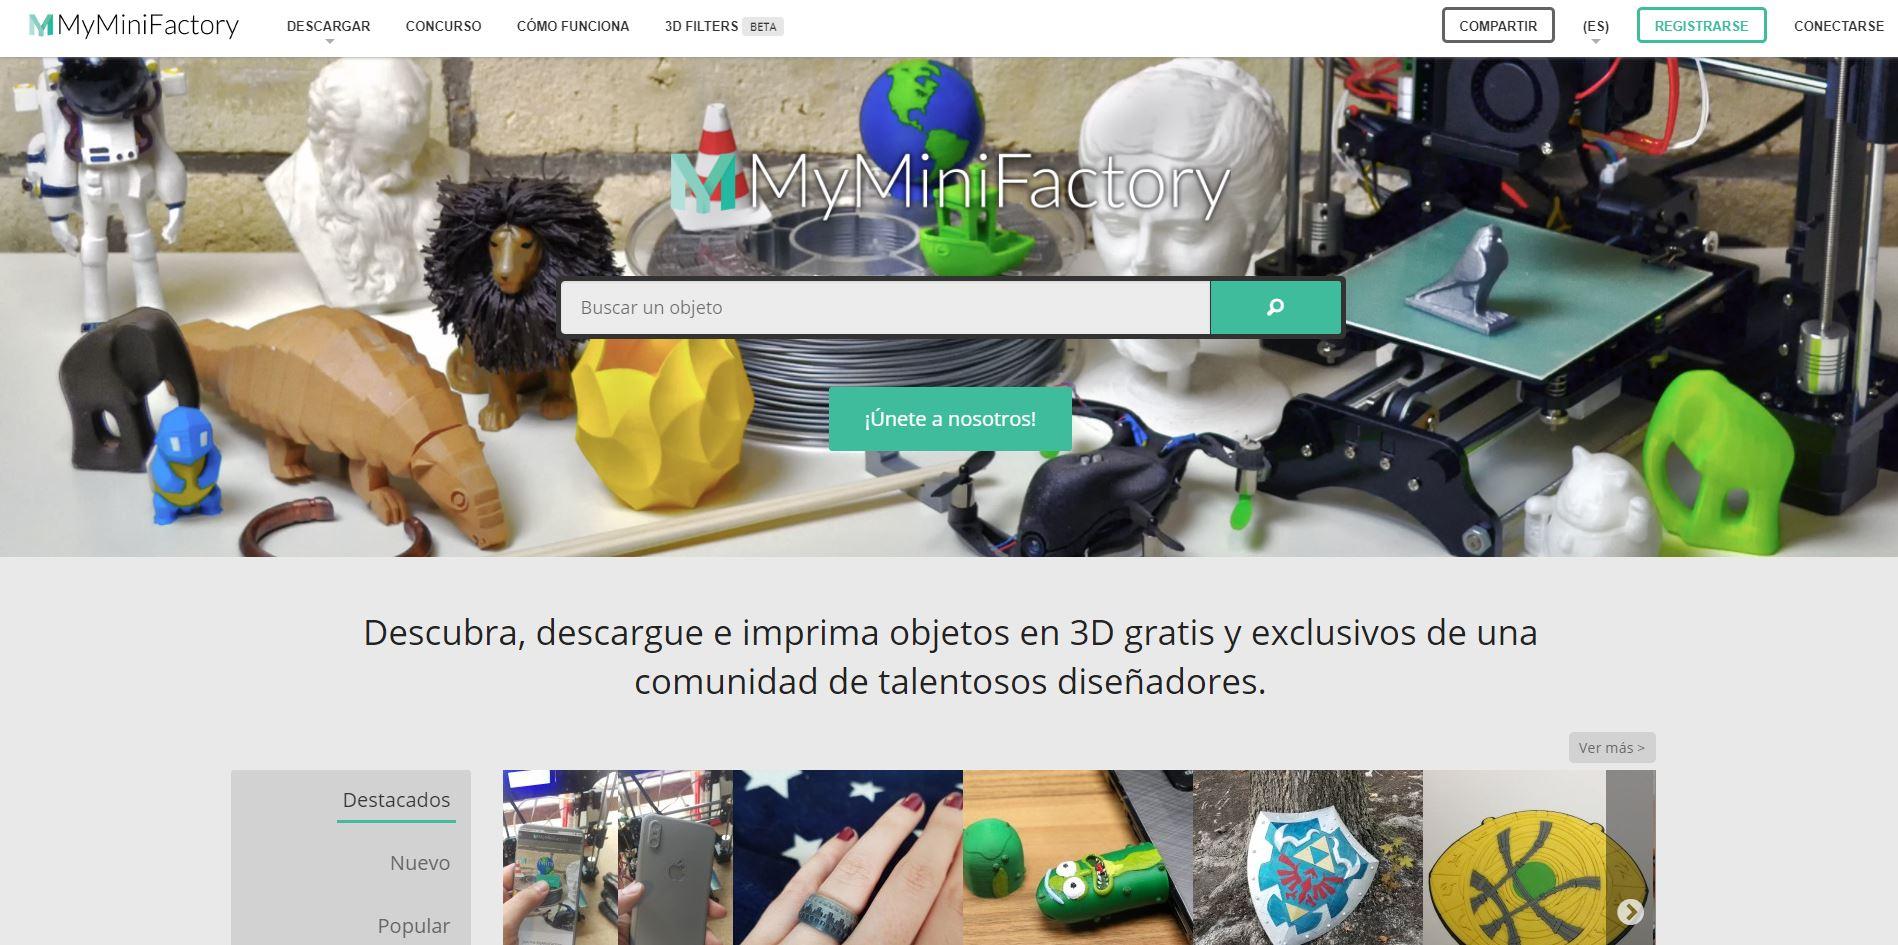 Repositorio archivos STL impresión 3D MiniFactory